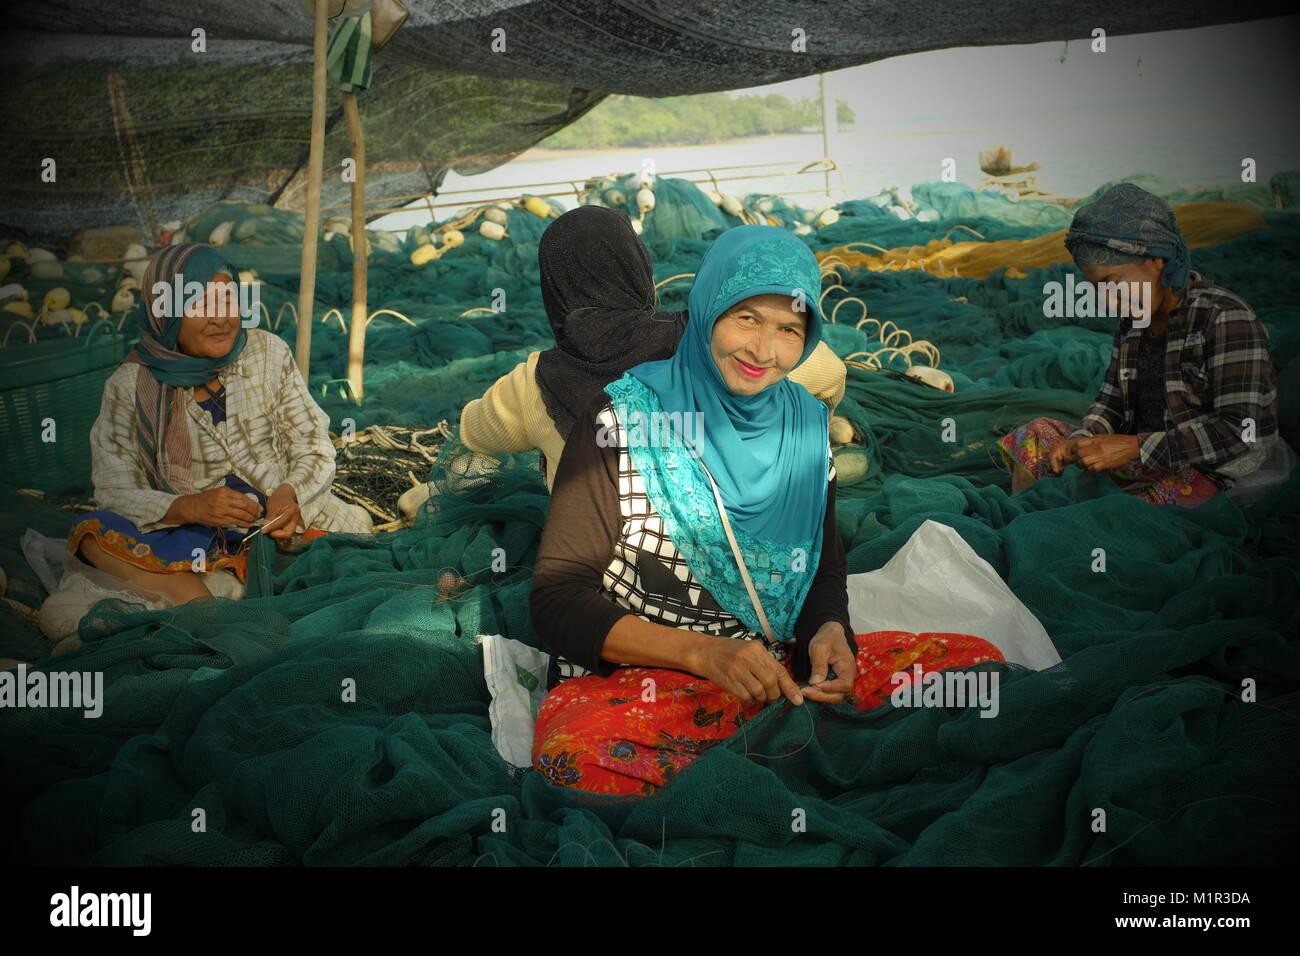 Local Muslim women weave the fishing net in koh Yao Yai, a Thai island in the Andaman Sea. 20-Jan-2018 - Stock Image